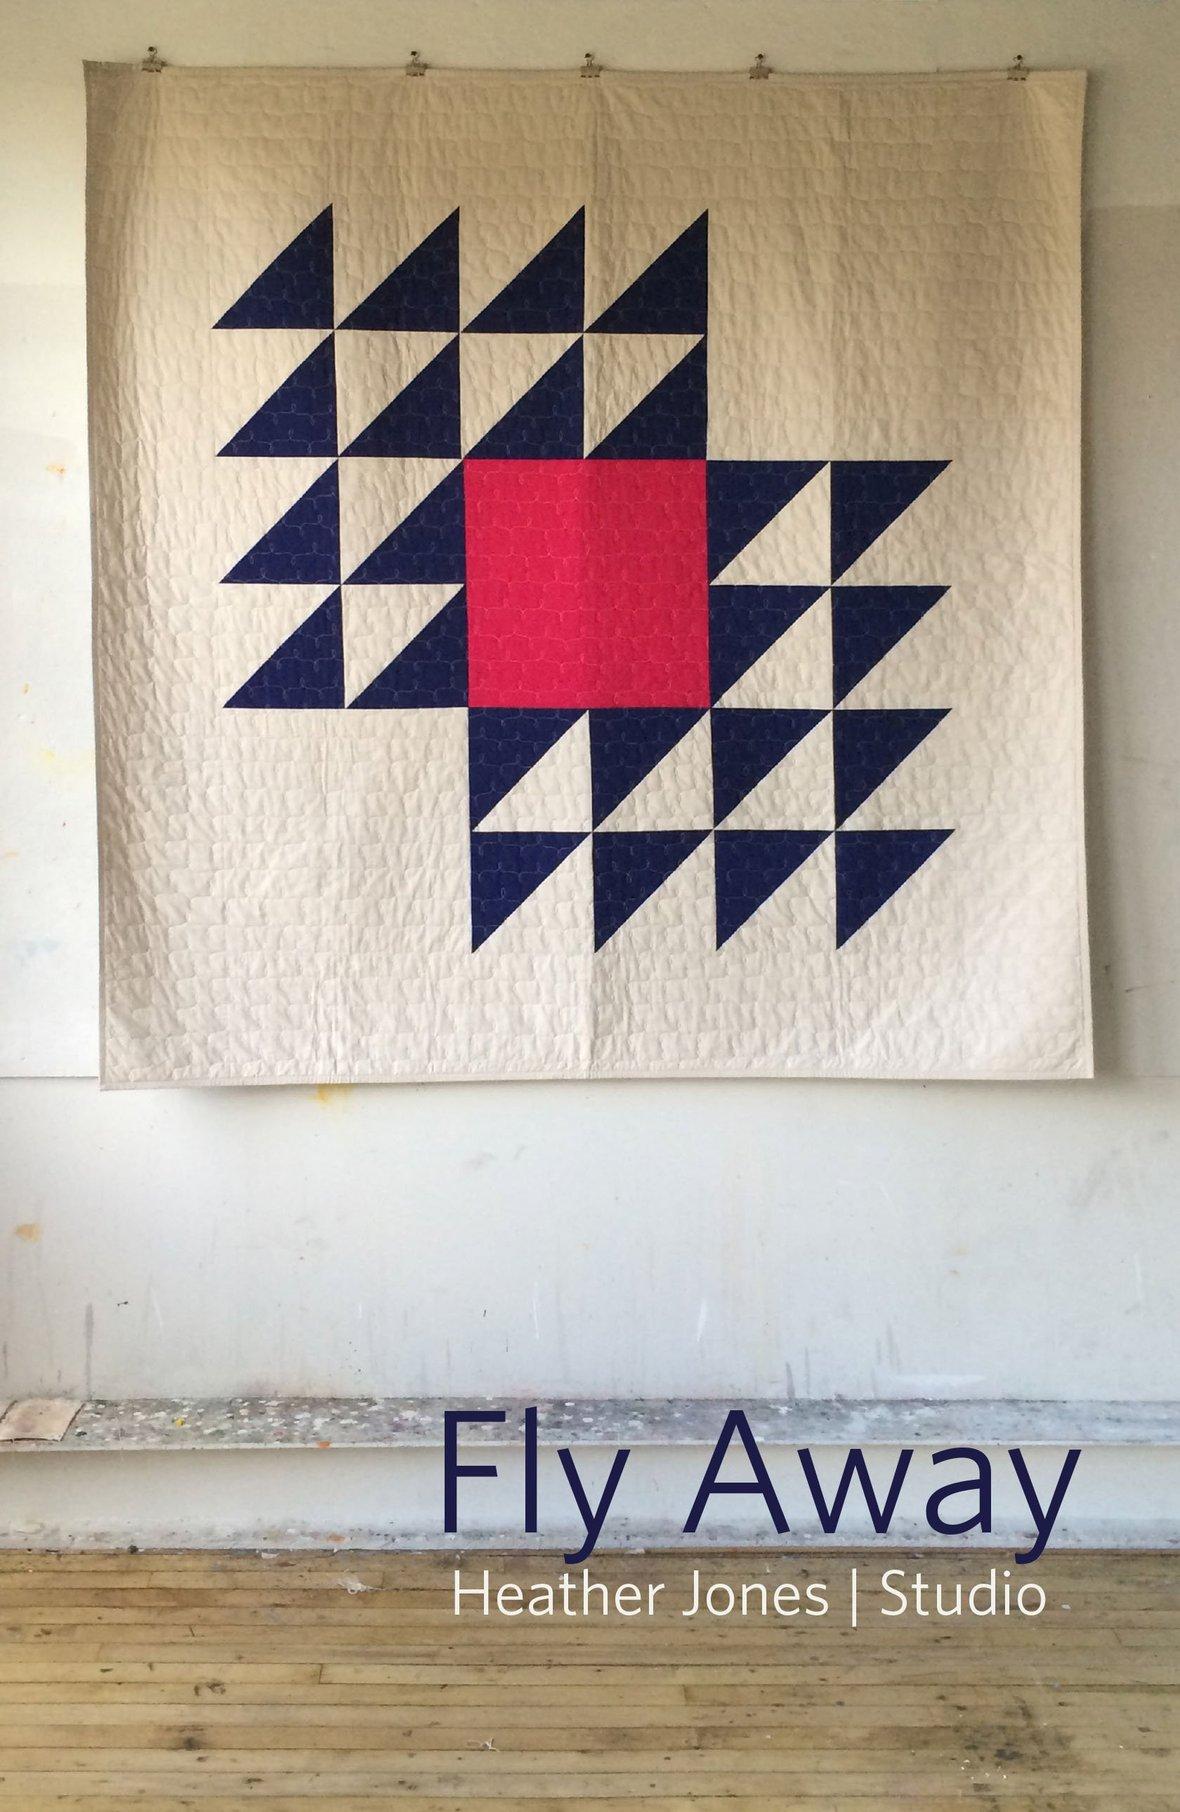 heather jones fly away sewing pattern